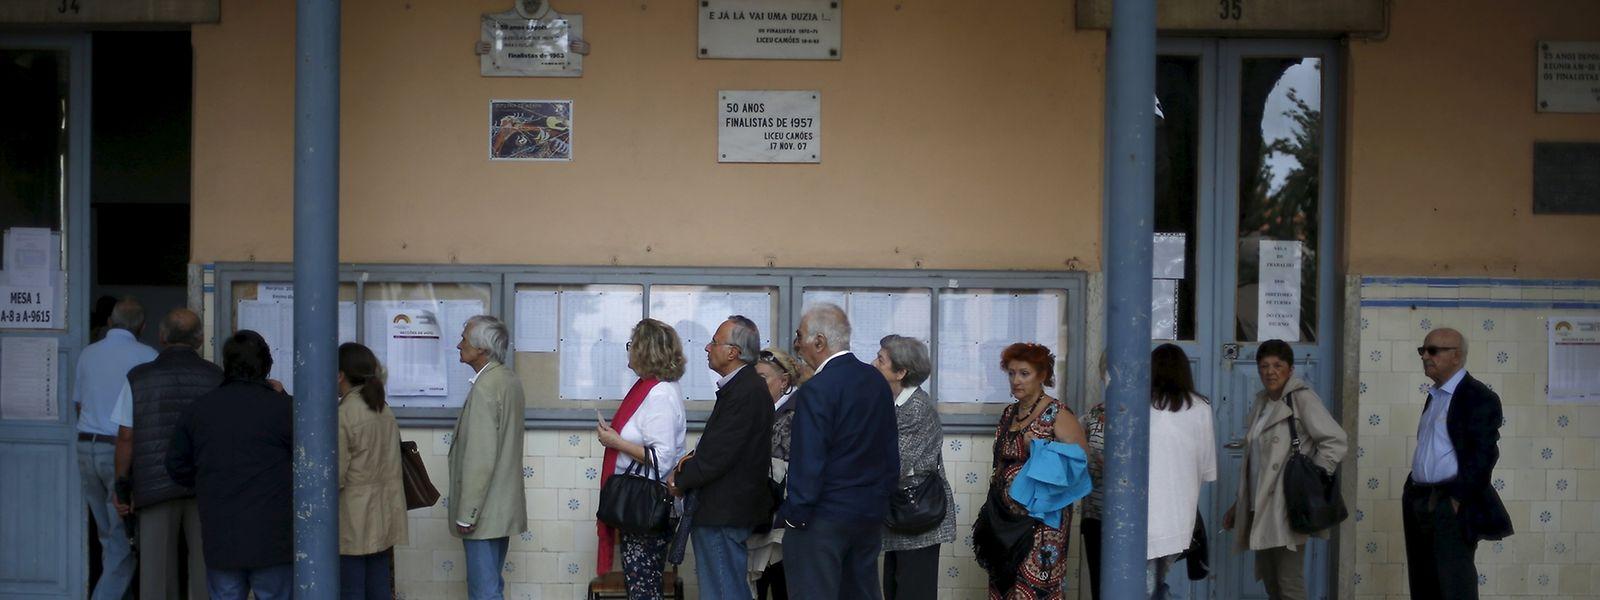 Bei den Wahlen in Portugal konnte sich das konservative Regierungsbündnis behaupten.